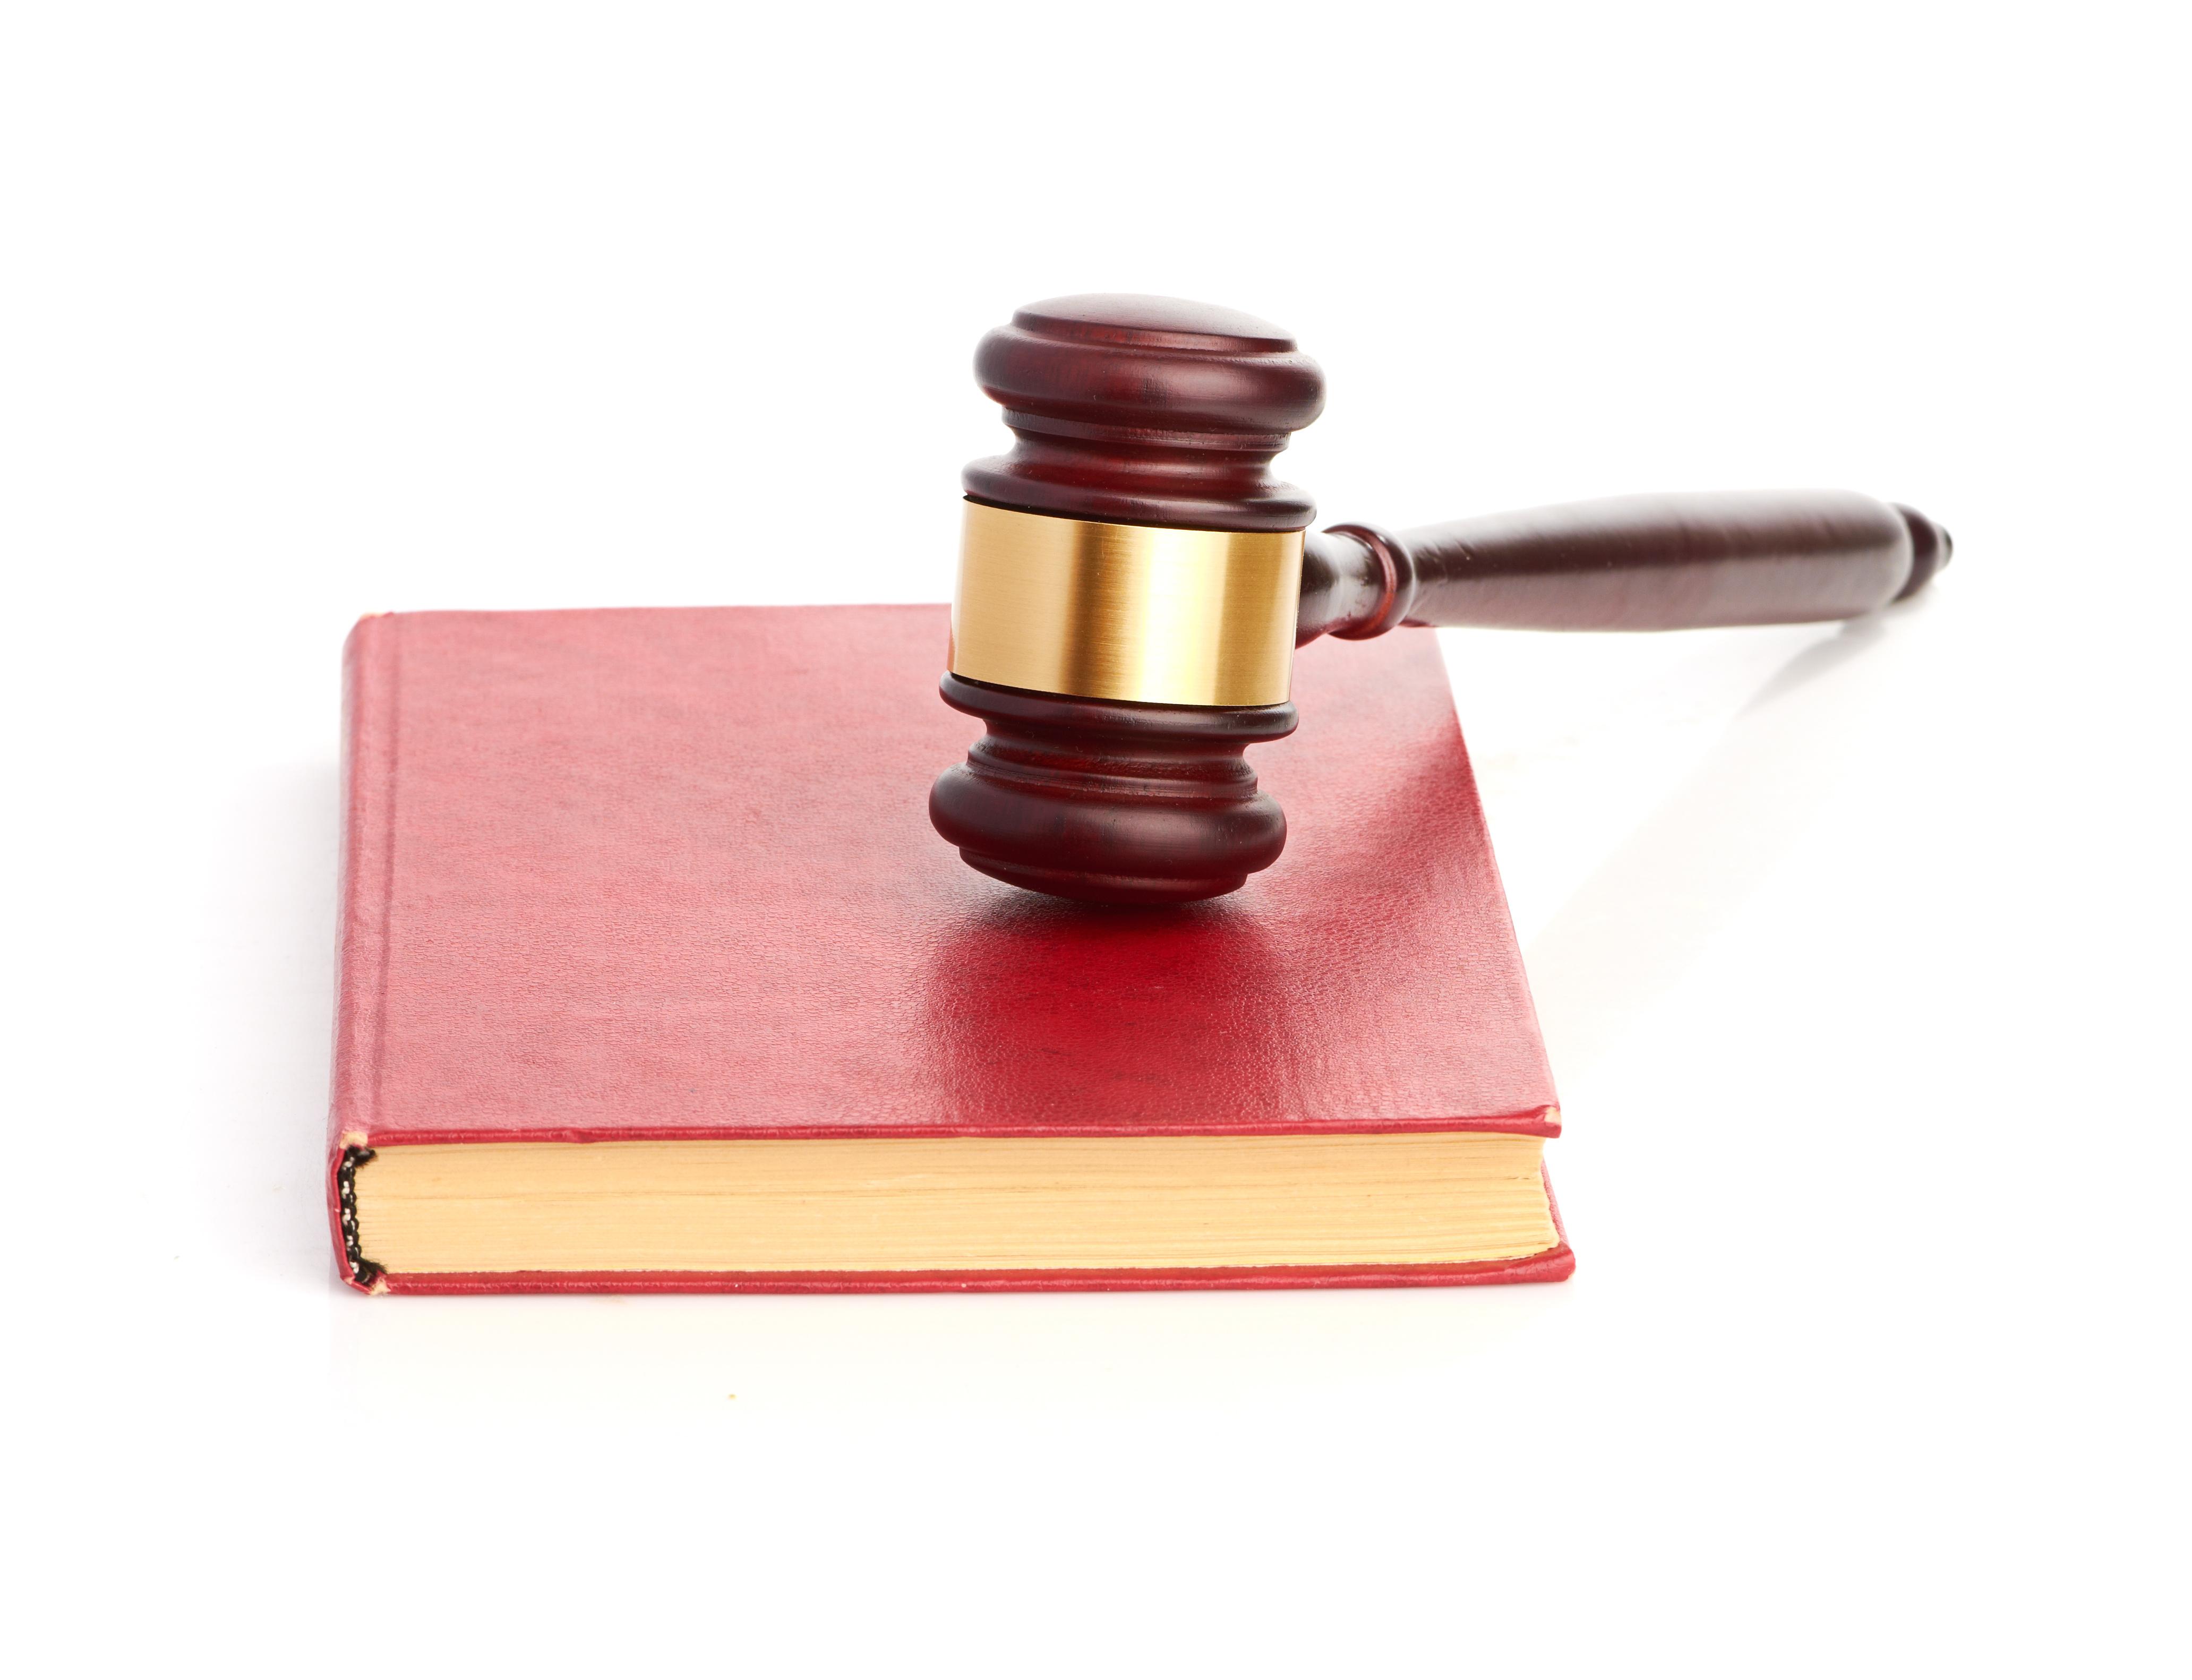 https://assets.sourcemedia.com/27/9b/77d422ba4b57bbb6021151b6cbff/hung-jury-1129-adobe.jpg